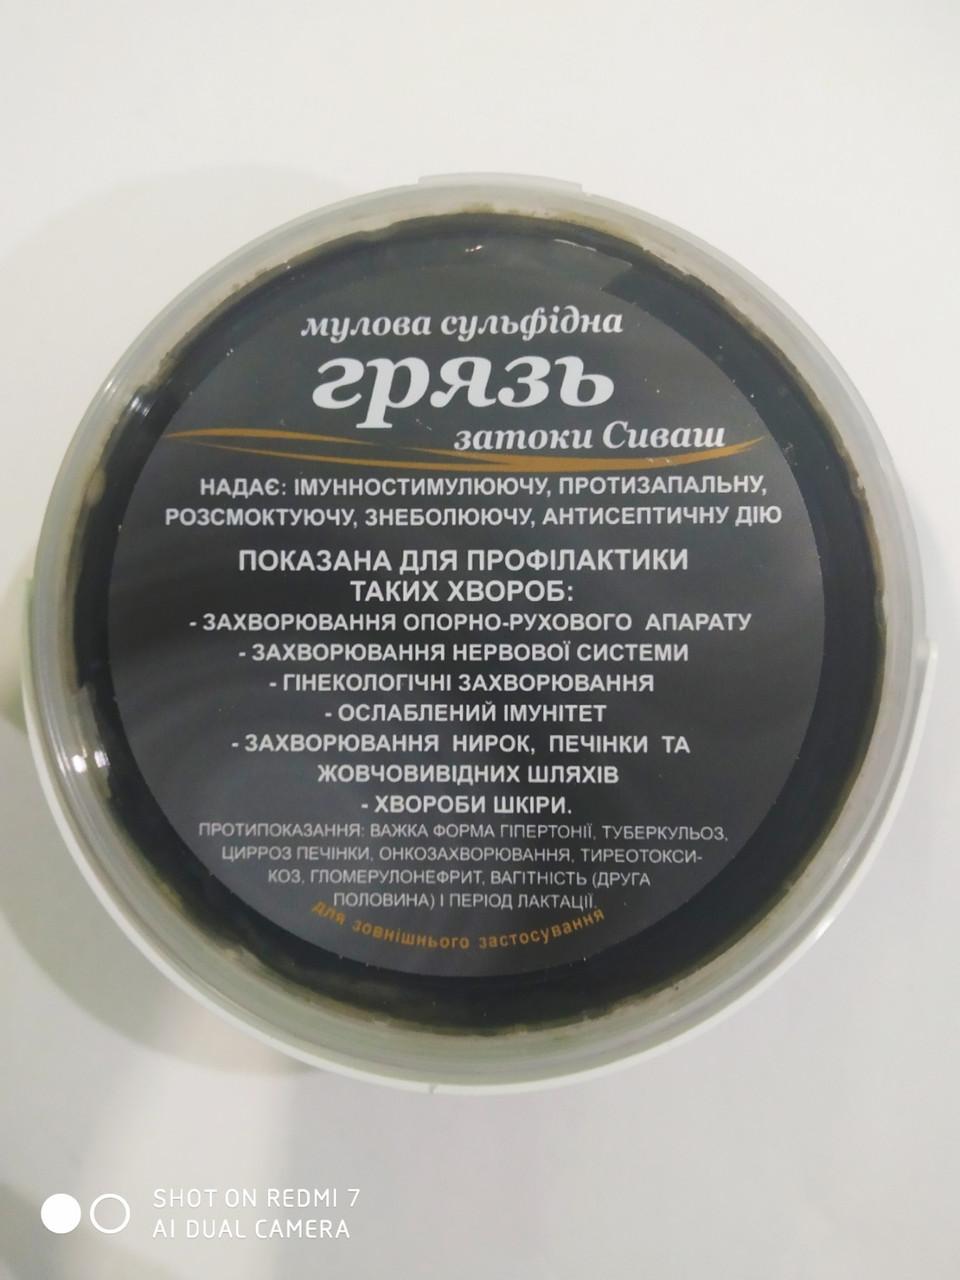 Сульфидно-иловая черная грязь лечебная затоки Сиваш 1 кг